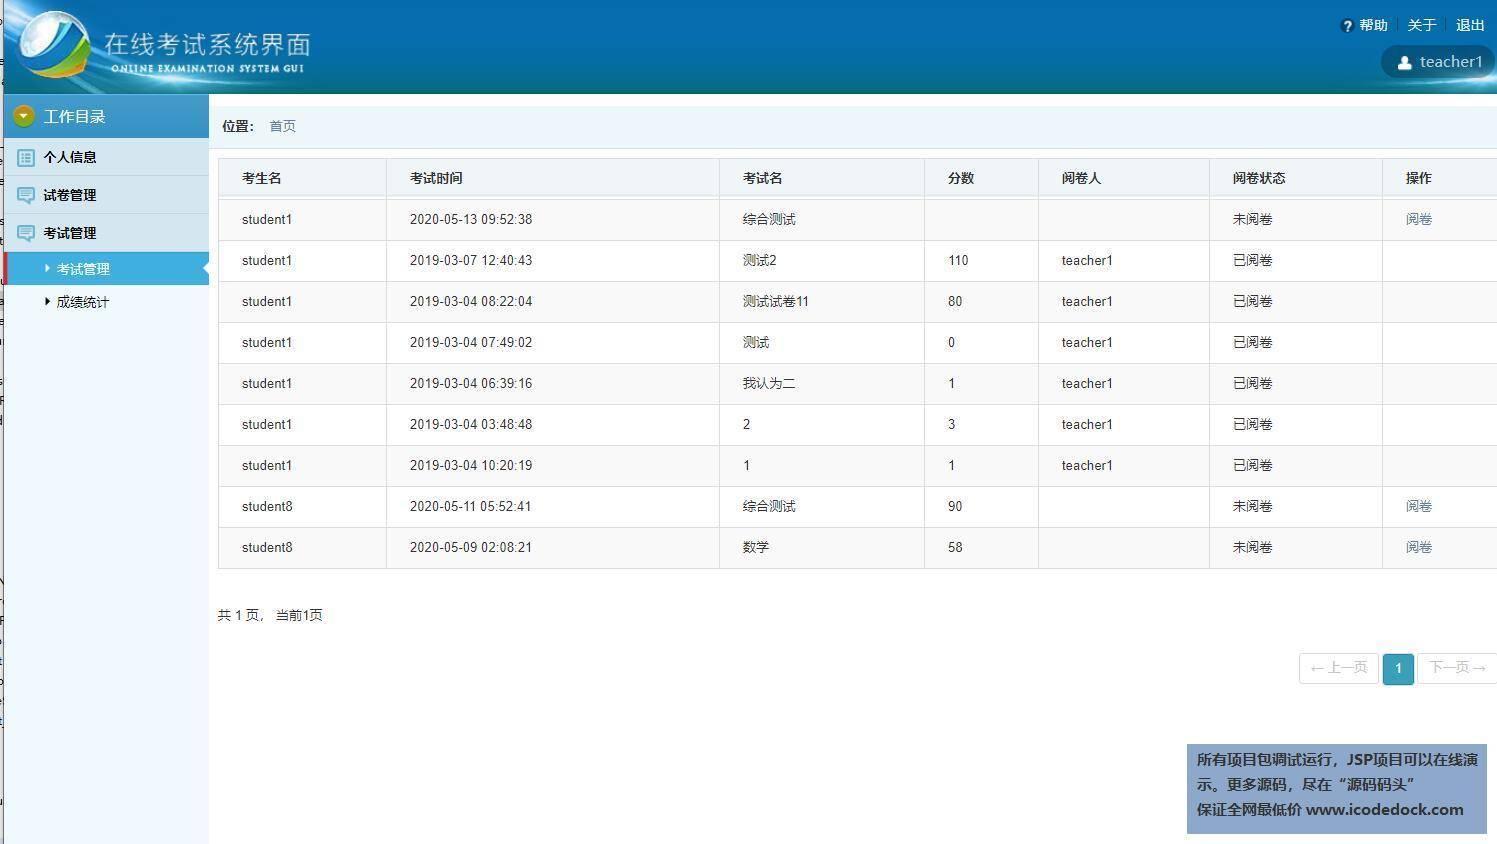 源码码头-SSH在线考试网站管理系统-教师角色-考试管理